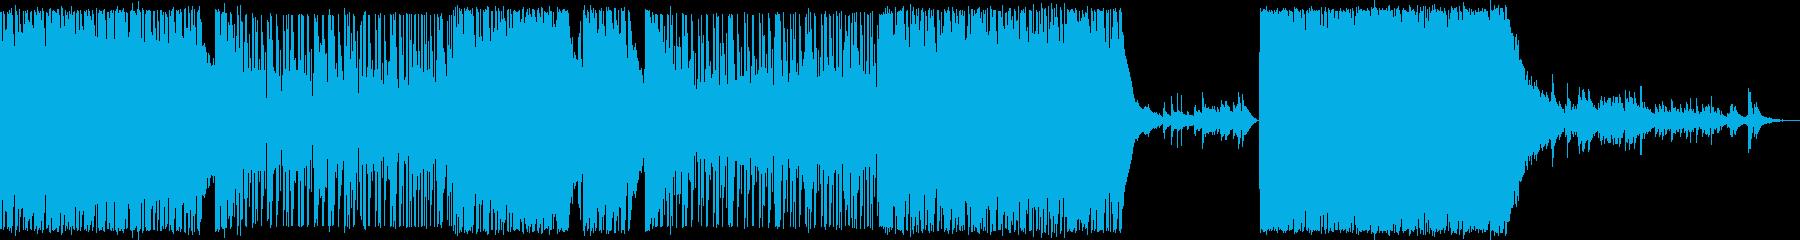 ポップロック楽器。やる気を起こさせ...の再生済みの波形